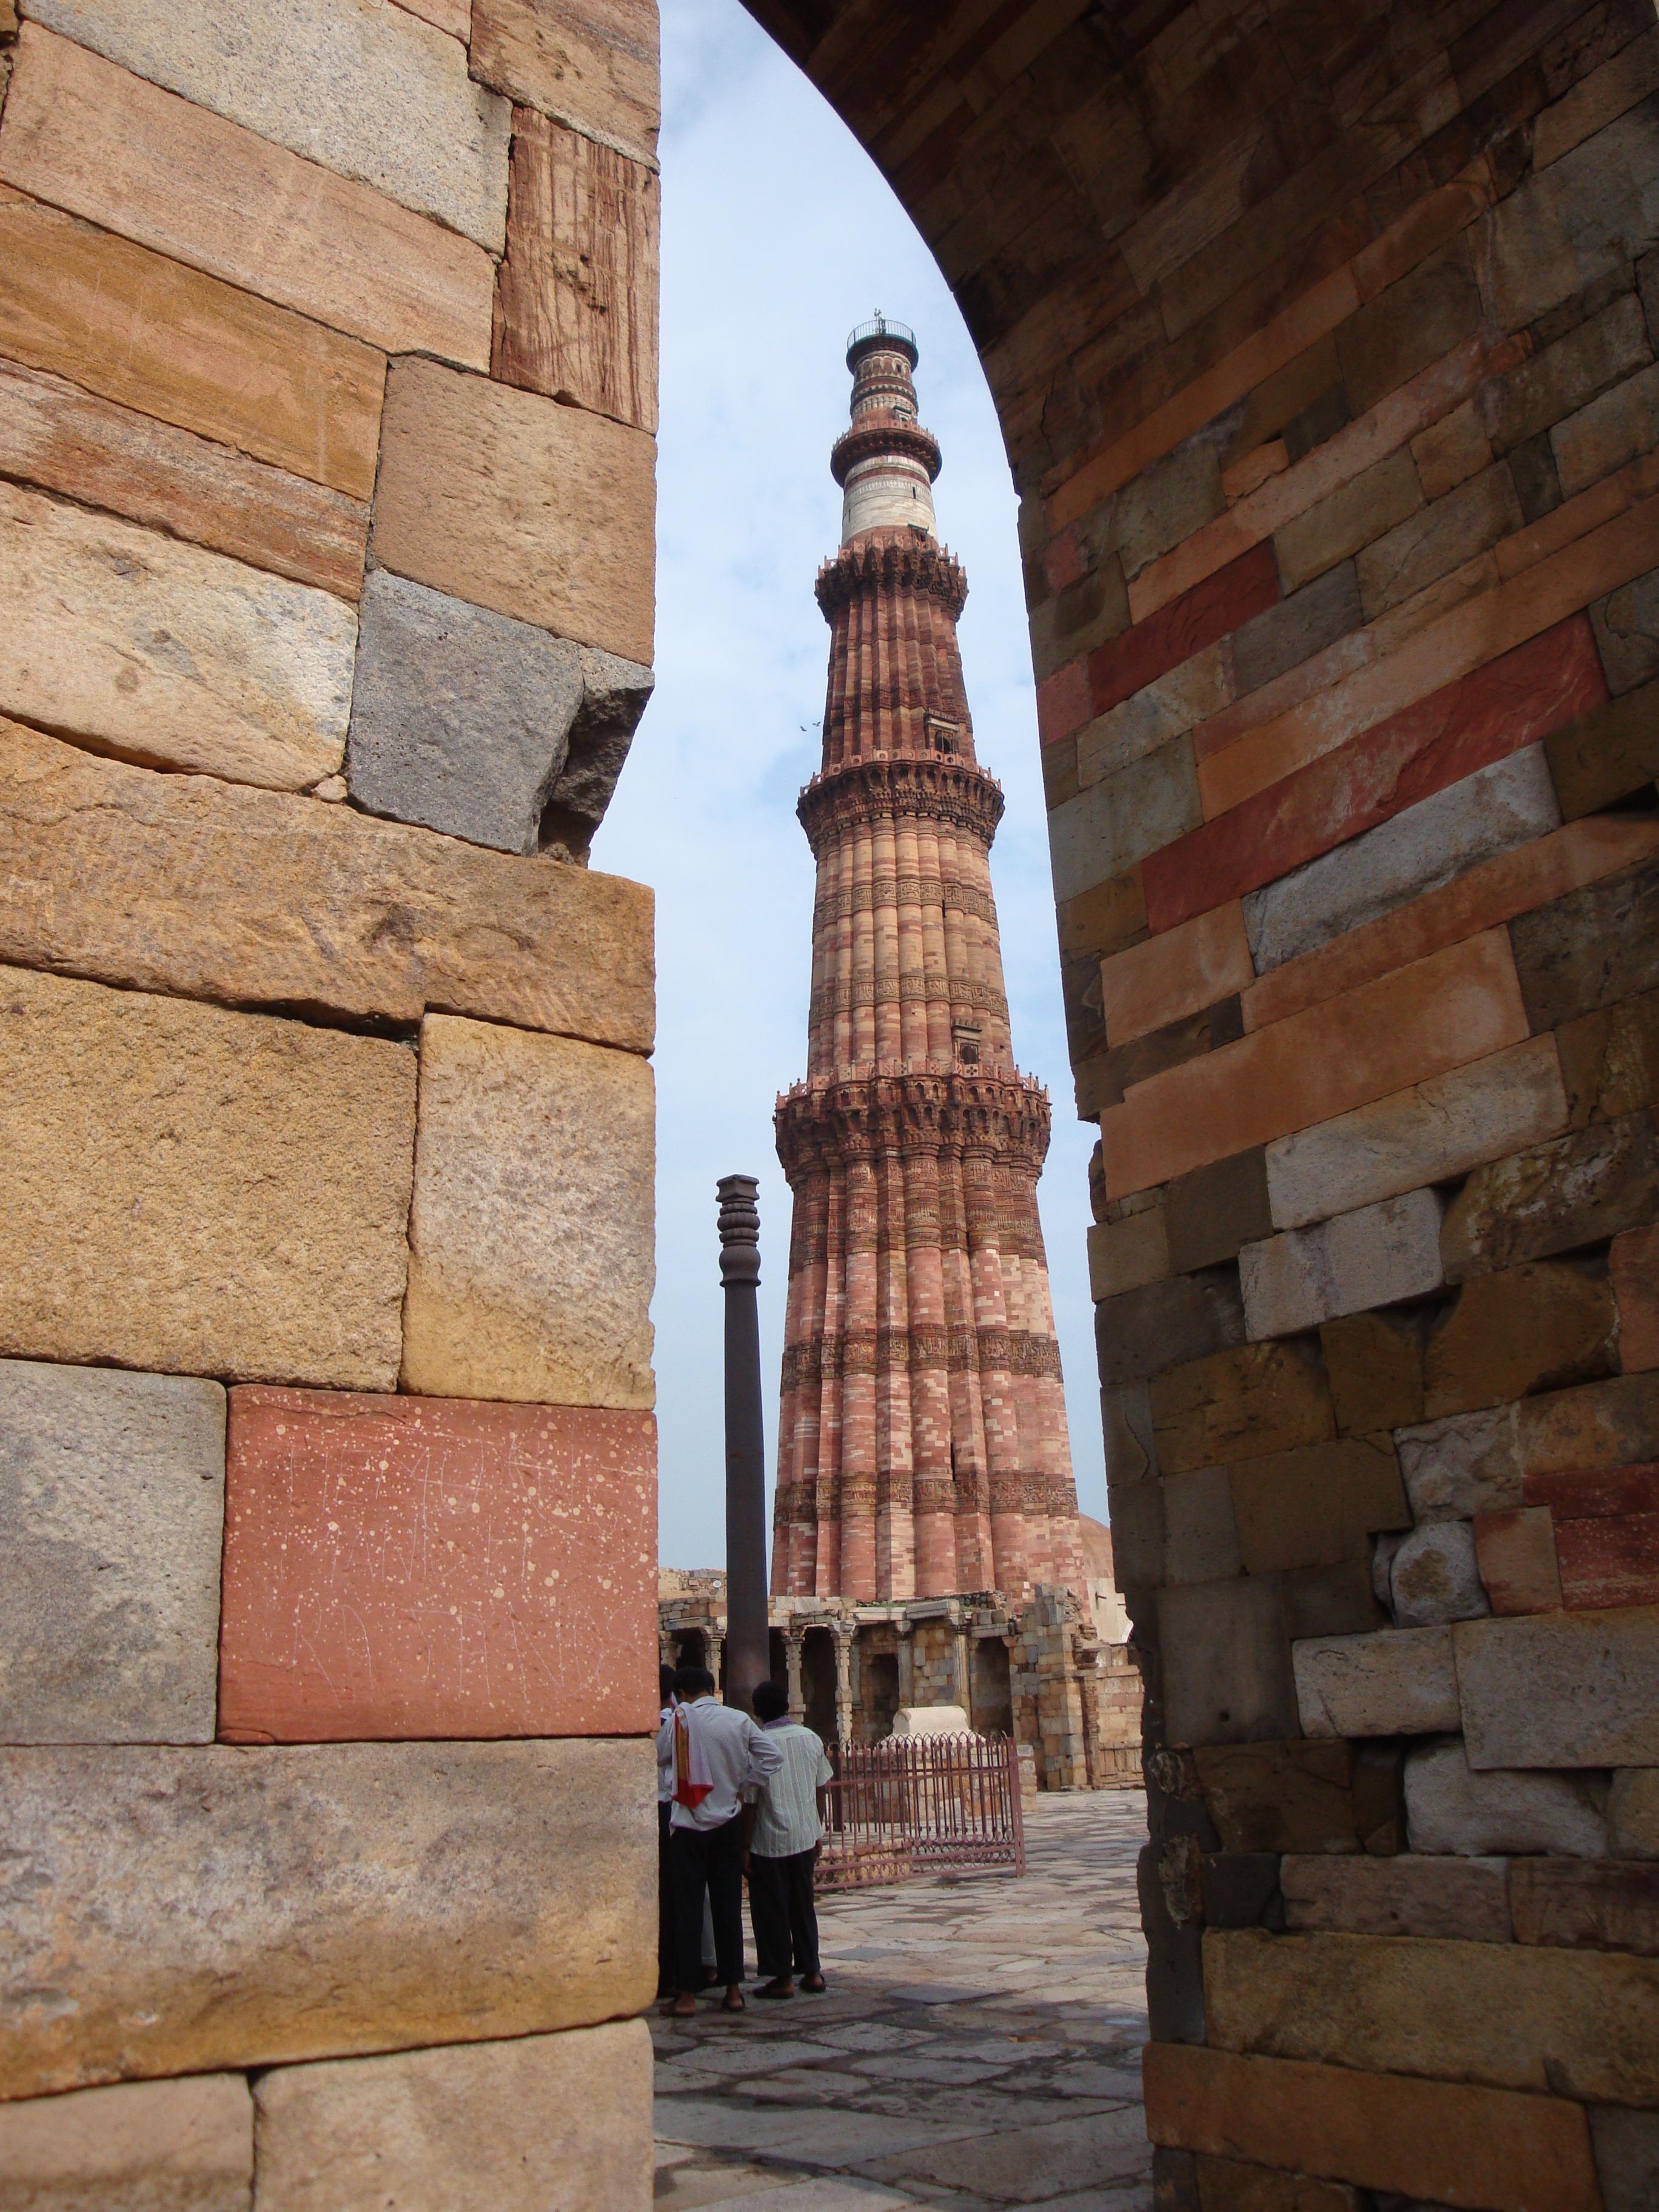 Una vista panoramica del minarete de Qutub Delhi